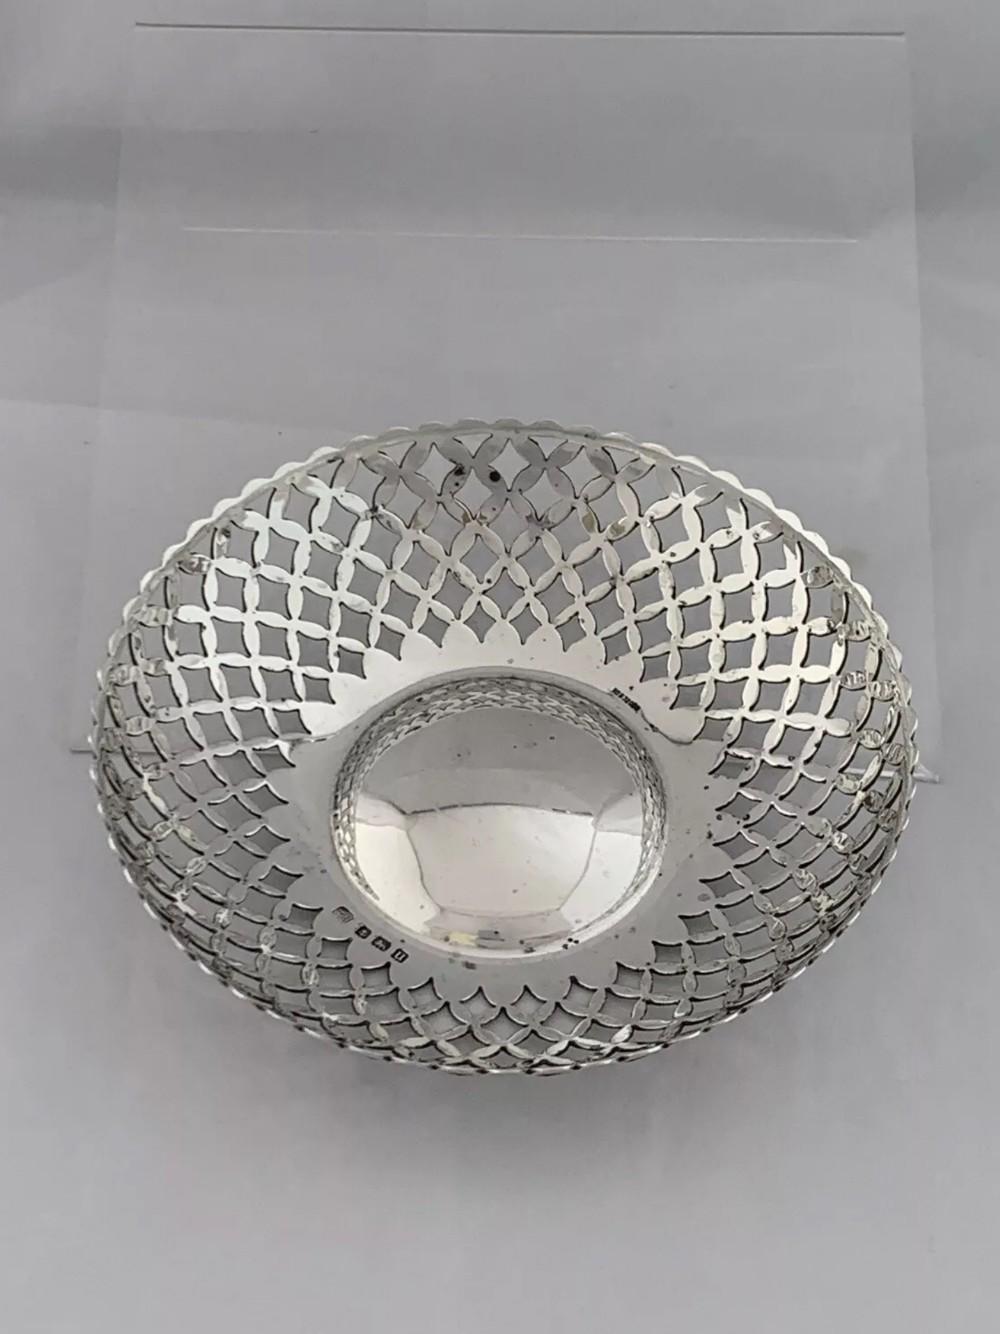 solid silver pierced bowl or dish 1919 birmingham a j zimmerman